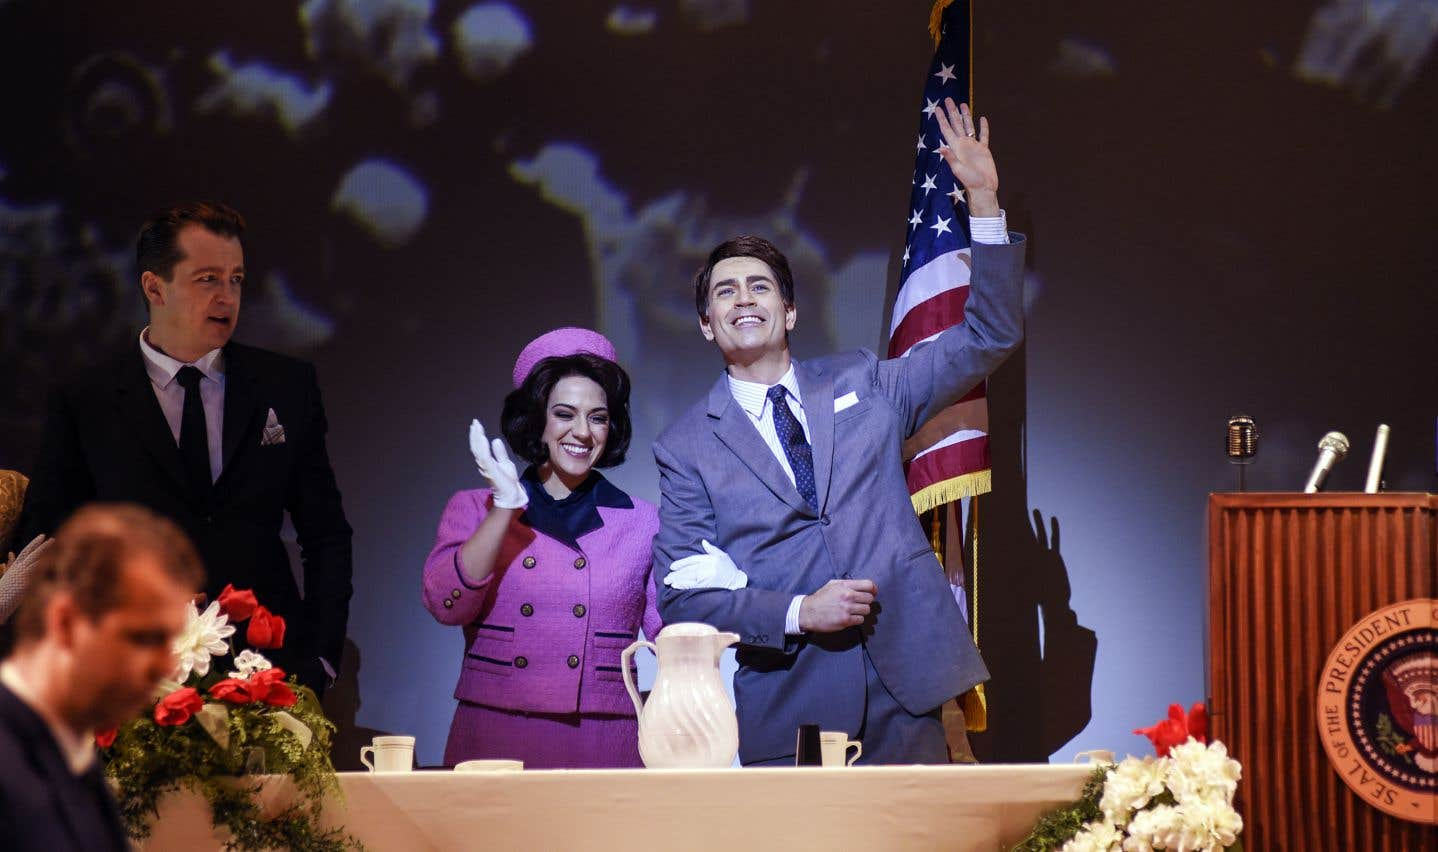 «JFK» aurait pu être titré «Jackie», tant Jacqueline Kennedy (incarnée par la mezzo-soprano Daniela Mack) est omniprésente, dans des monologues et des duos parfois très réussis, concentrant le meilleur de la musique.